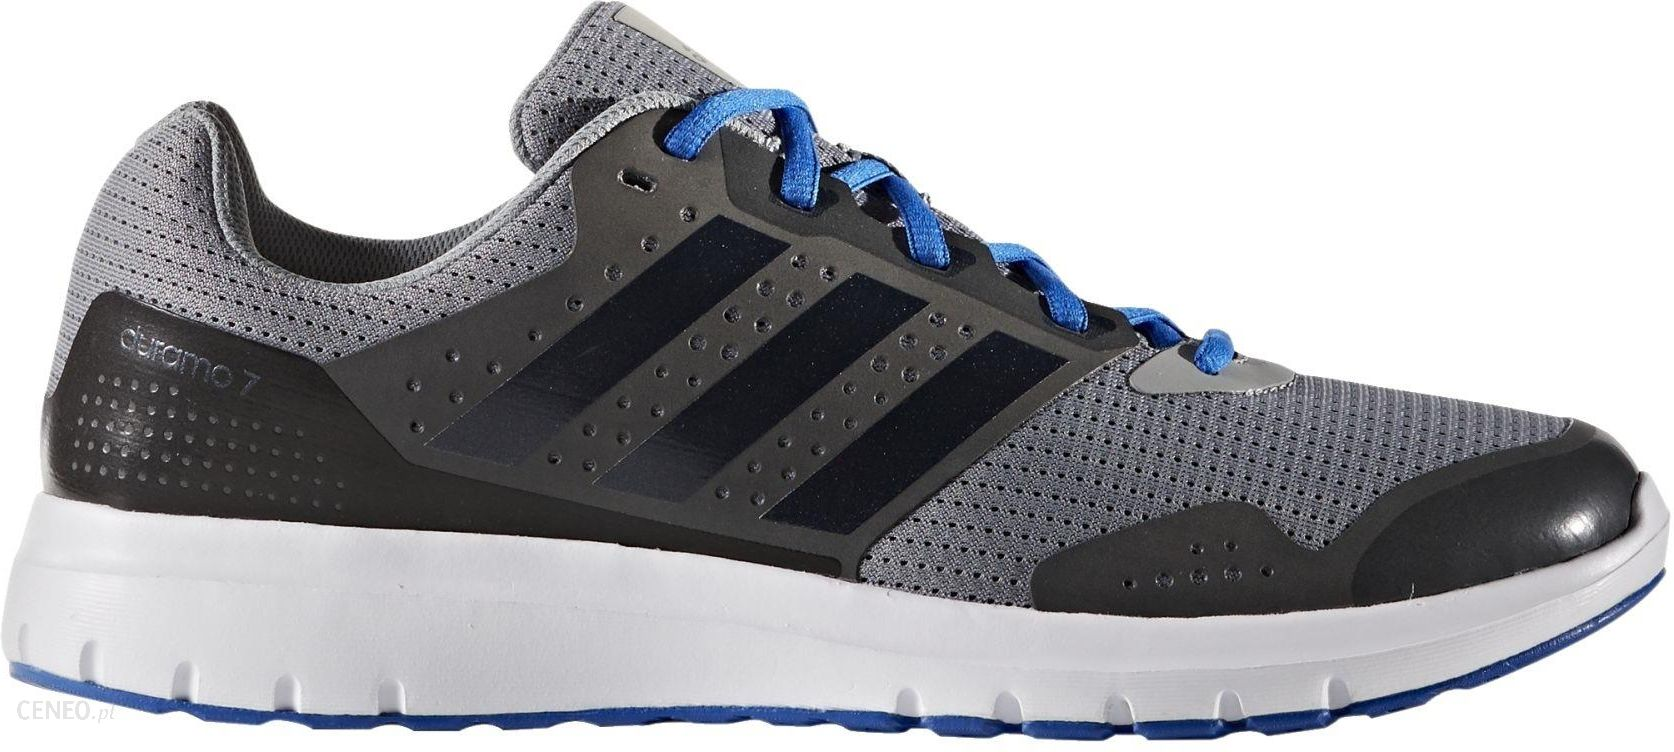 Adidas Duramo 7 M (46) M?skie Buty Ceny i opinie Ceneo.pl